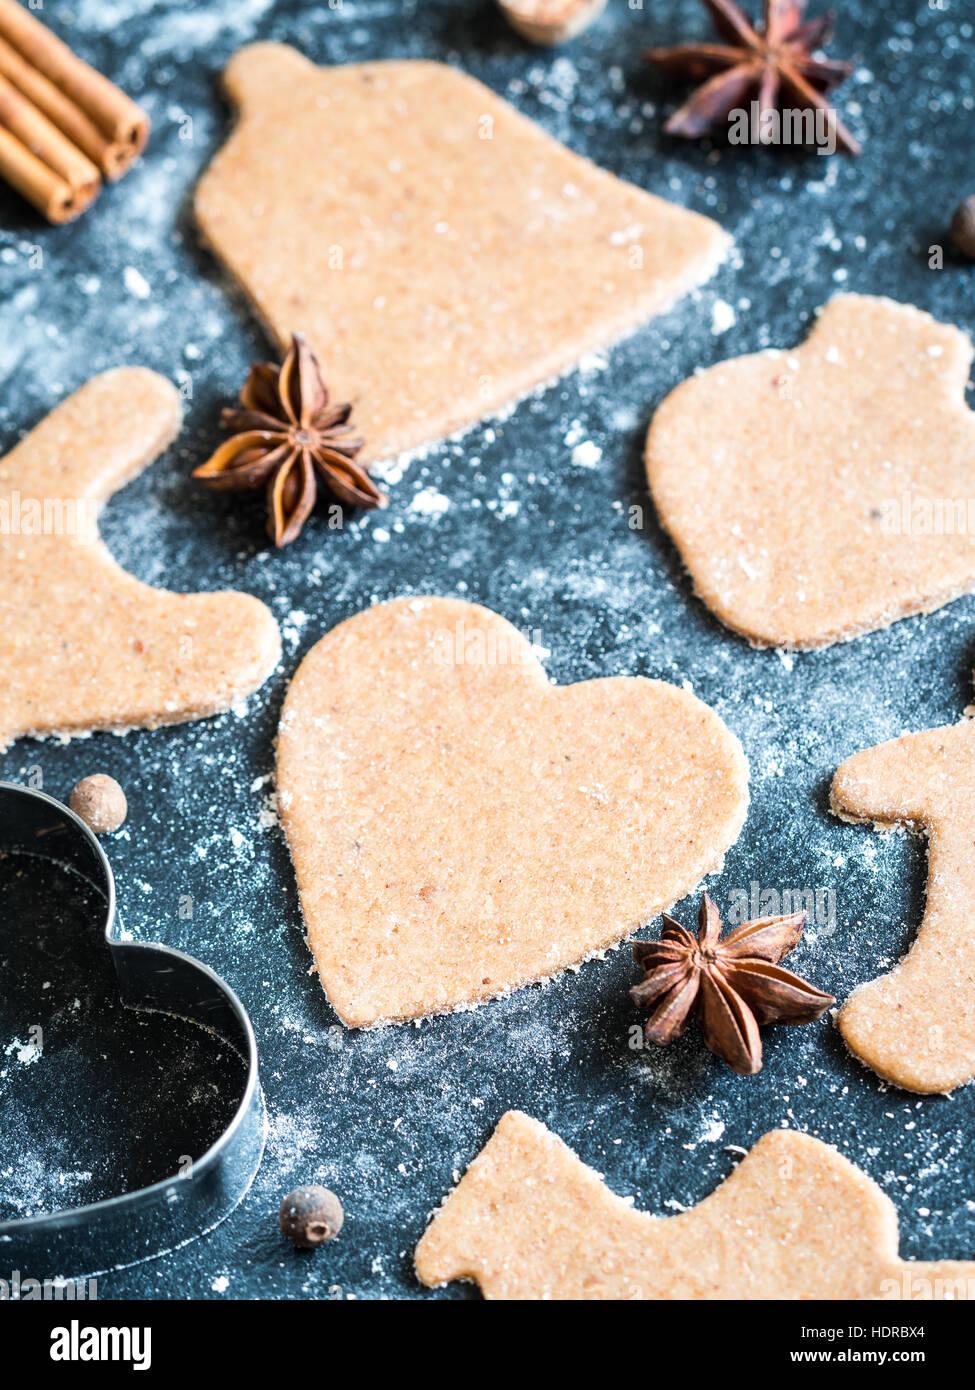 Préparation de Noël gingerbread cookies. Photo Stock